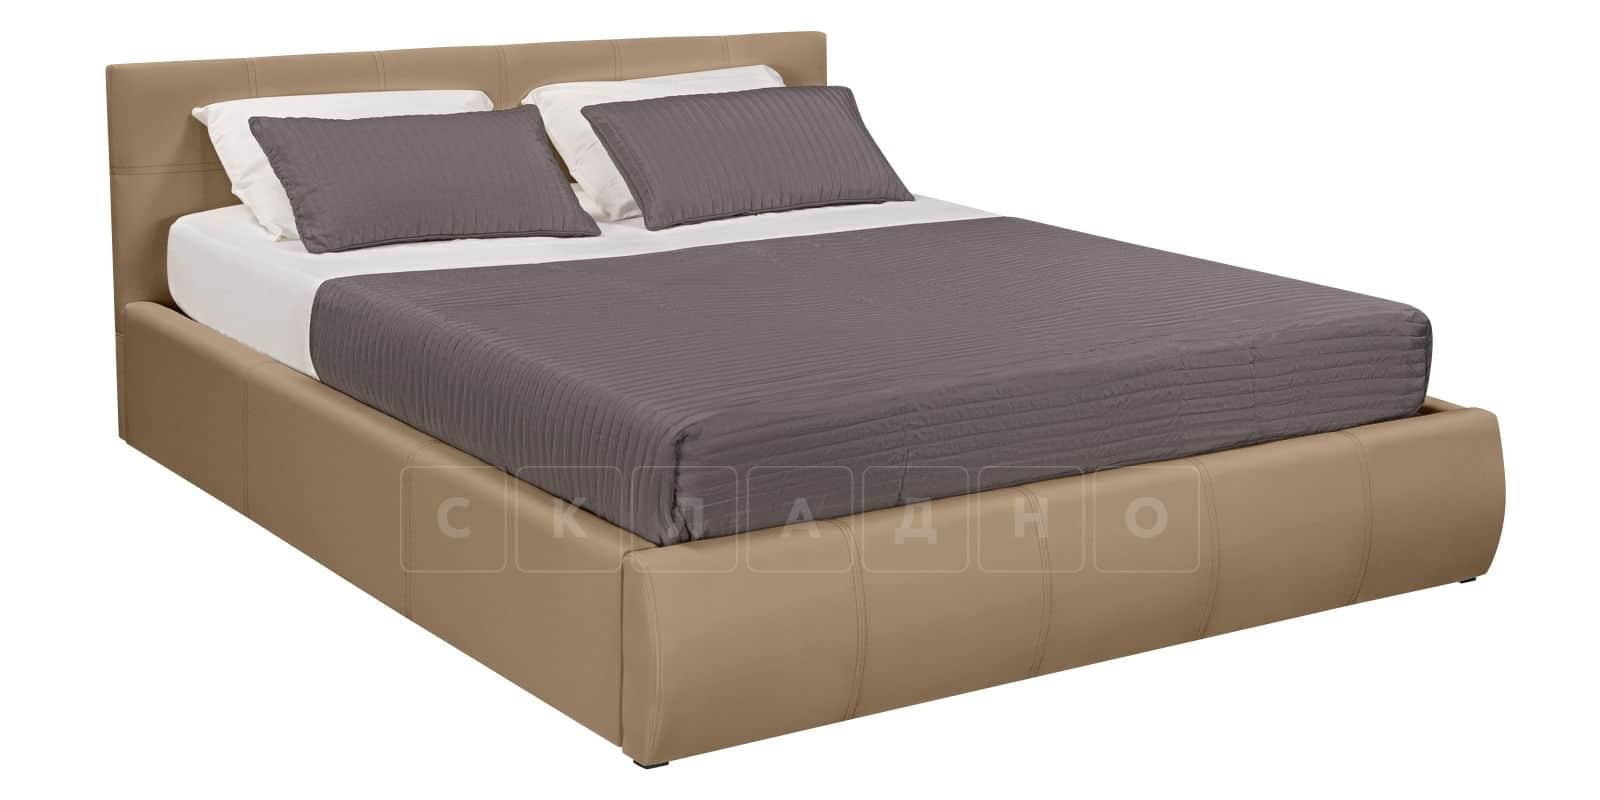 Мягкая кровать Афина 160см экокожа темно-бежевого цвета фото 2 | интернет-магазин Складно